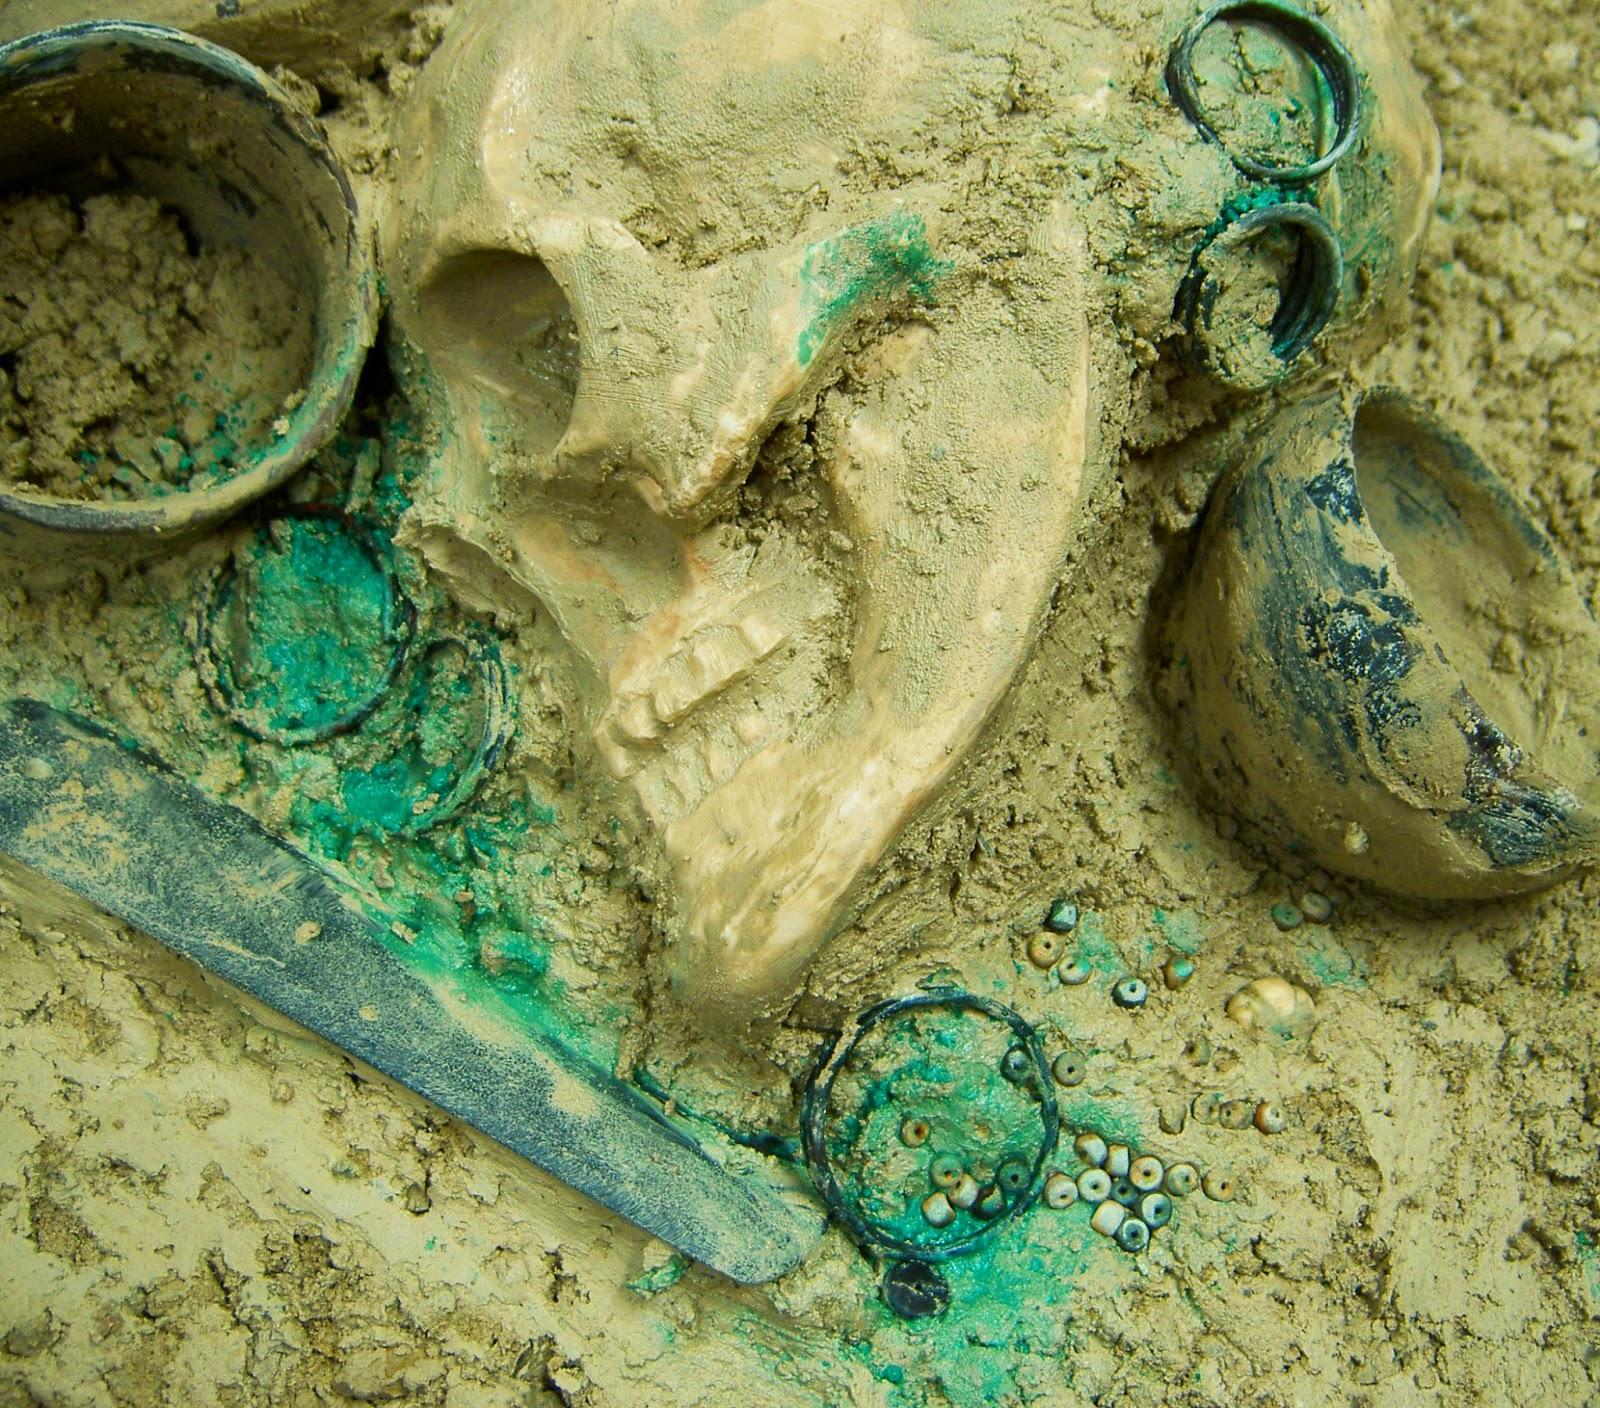 Ajuar funerario argárico: afiladera, aretes, tulipas, brazaletes, cuentas de collar